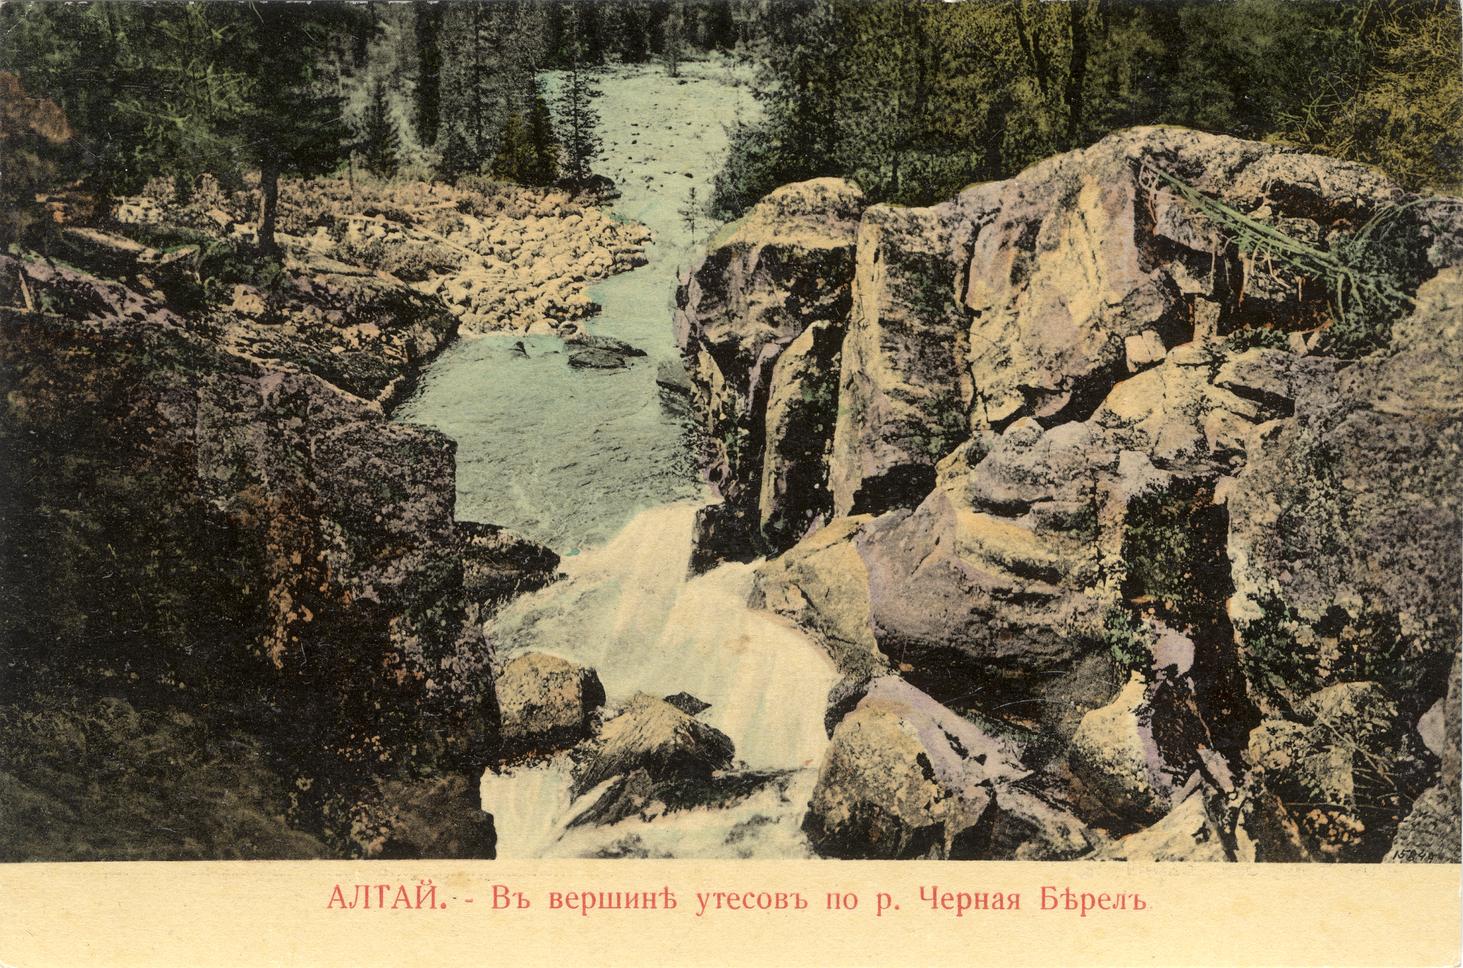 Верховья реки Черная Берель, притока системы реки Бухтармы